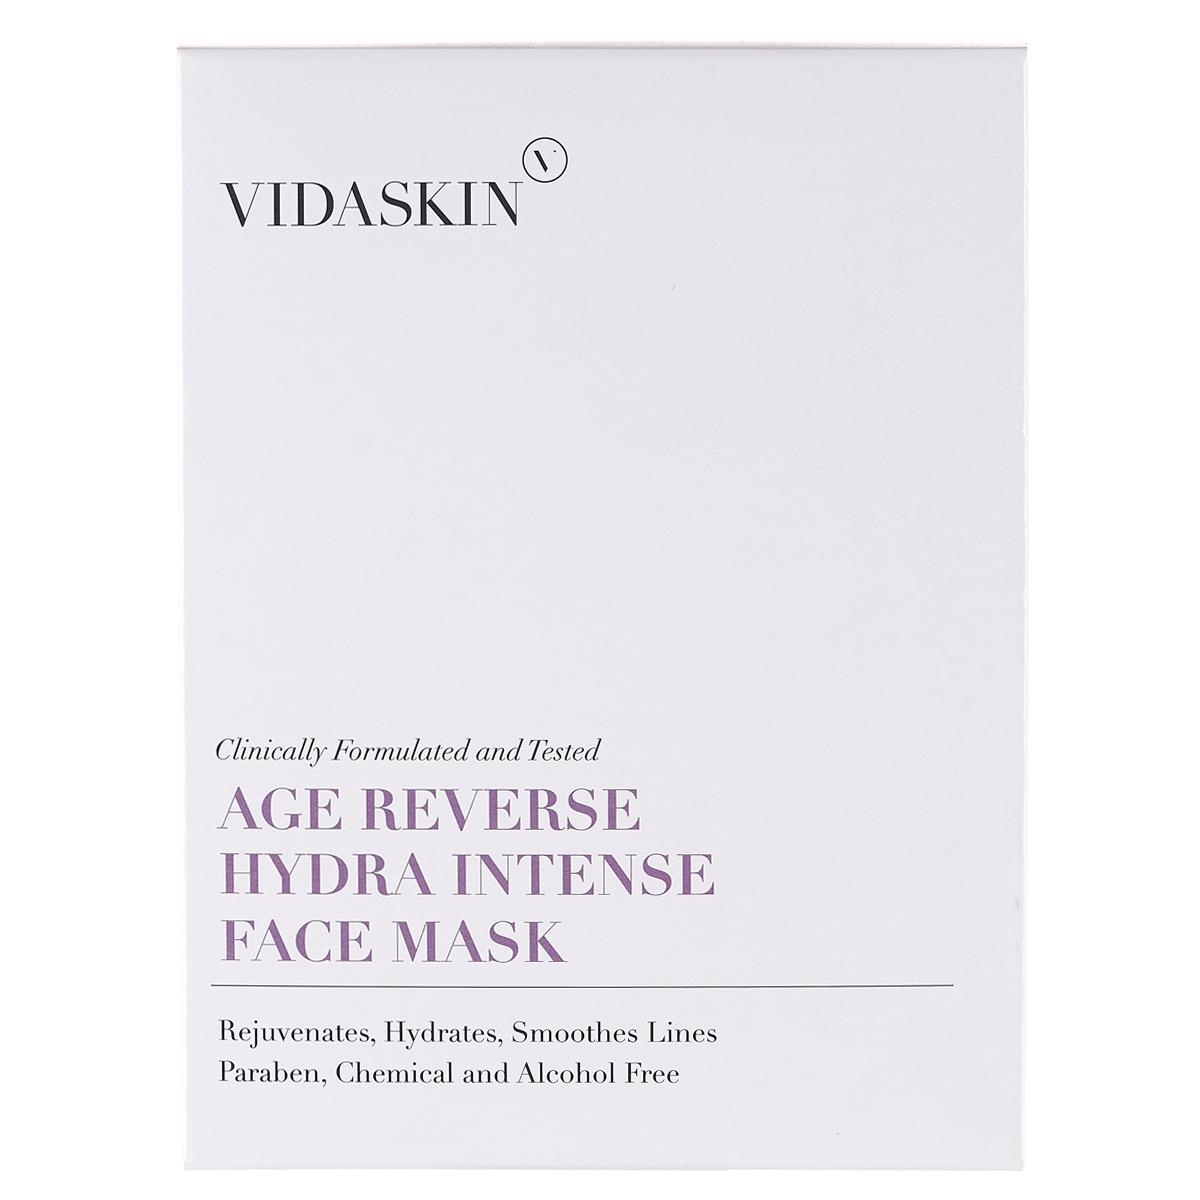 Age Reverse Hydra lntense Mask